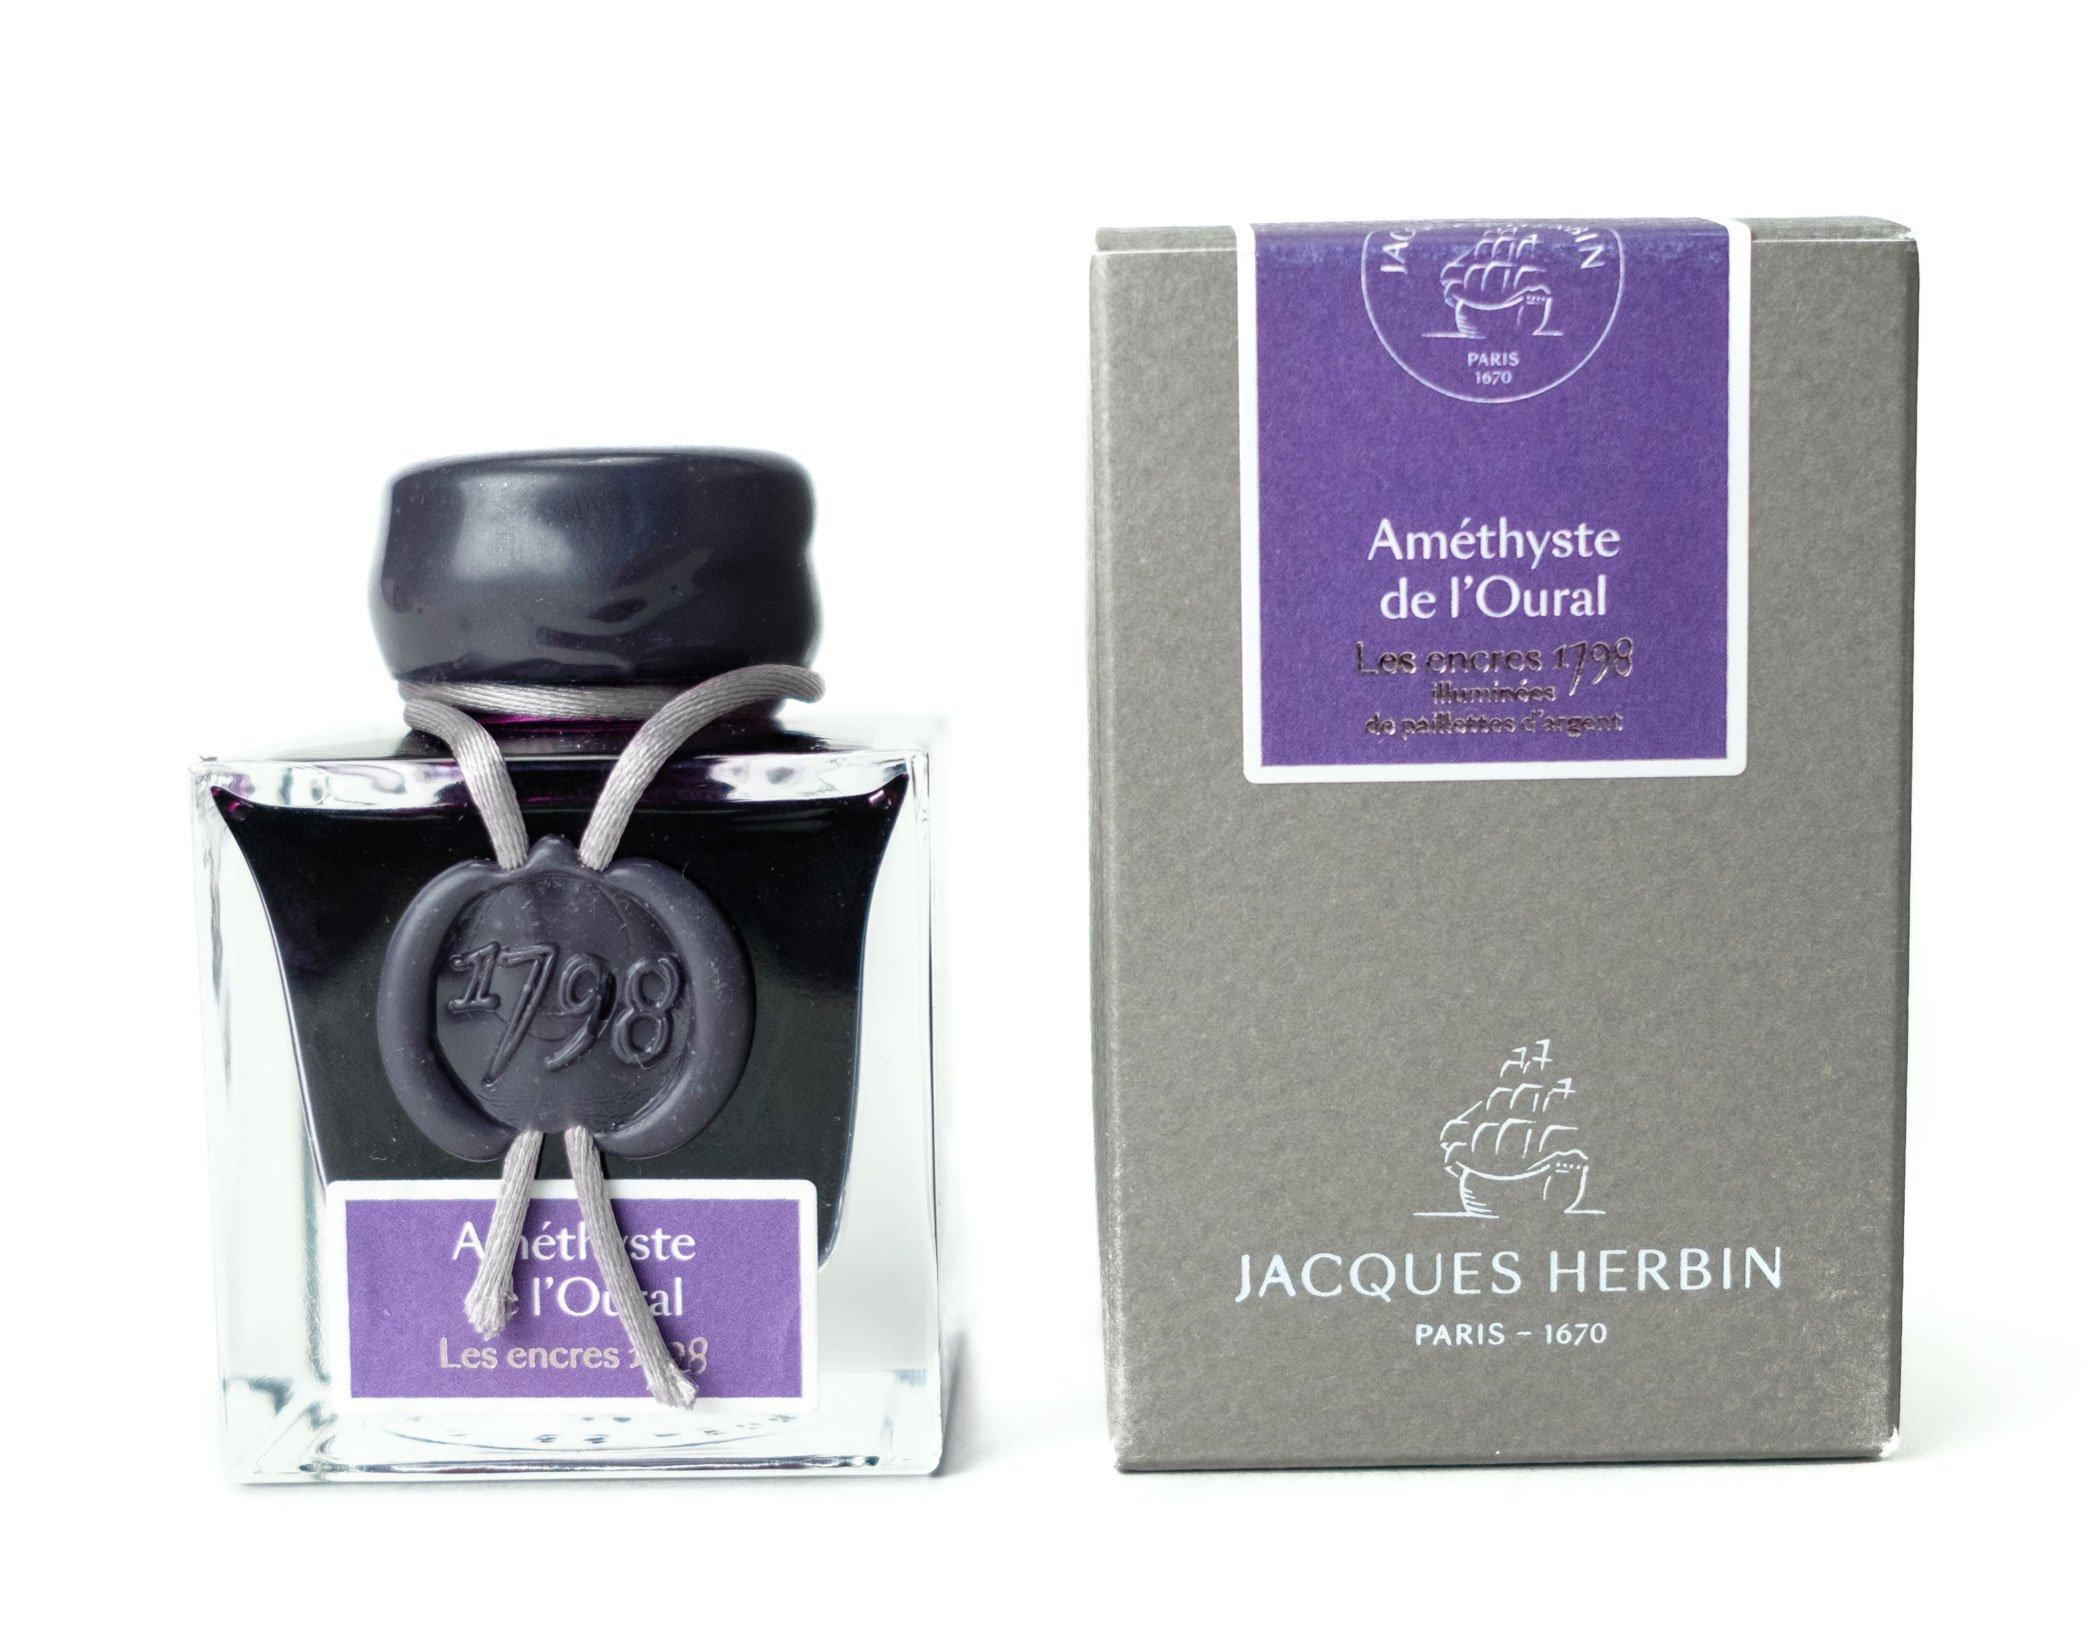 J. Herbin 1798 Anniversary Inks - Silver Sheen 50 ml Bottled - Amethyste de L'Oural (Rich Deep Purple Ink) by Herbin (Image #2)